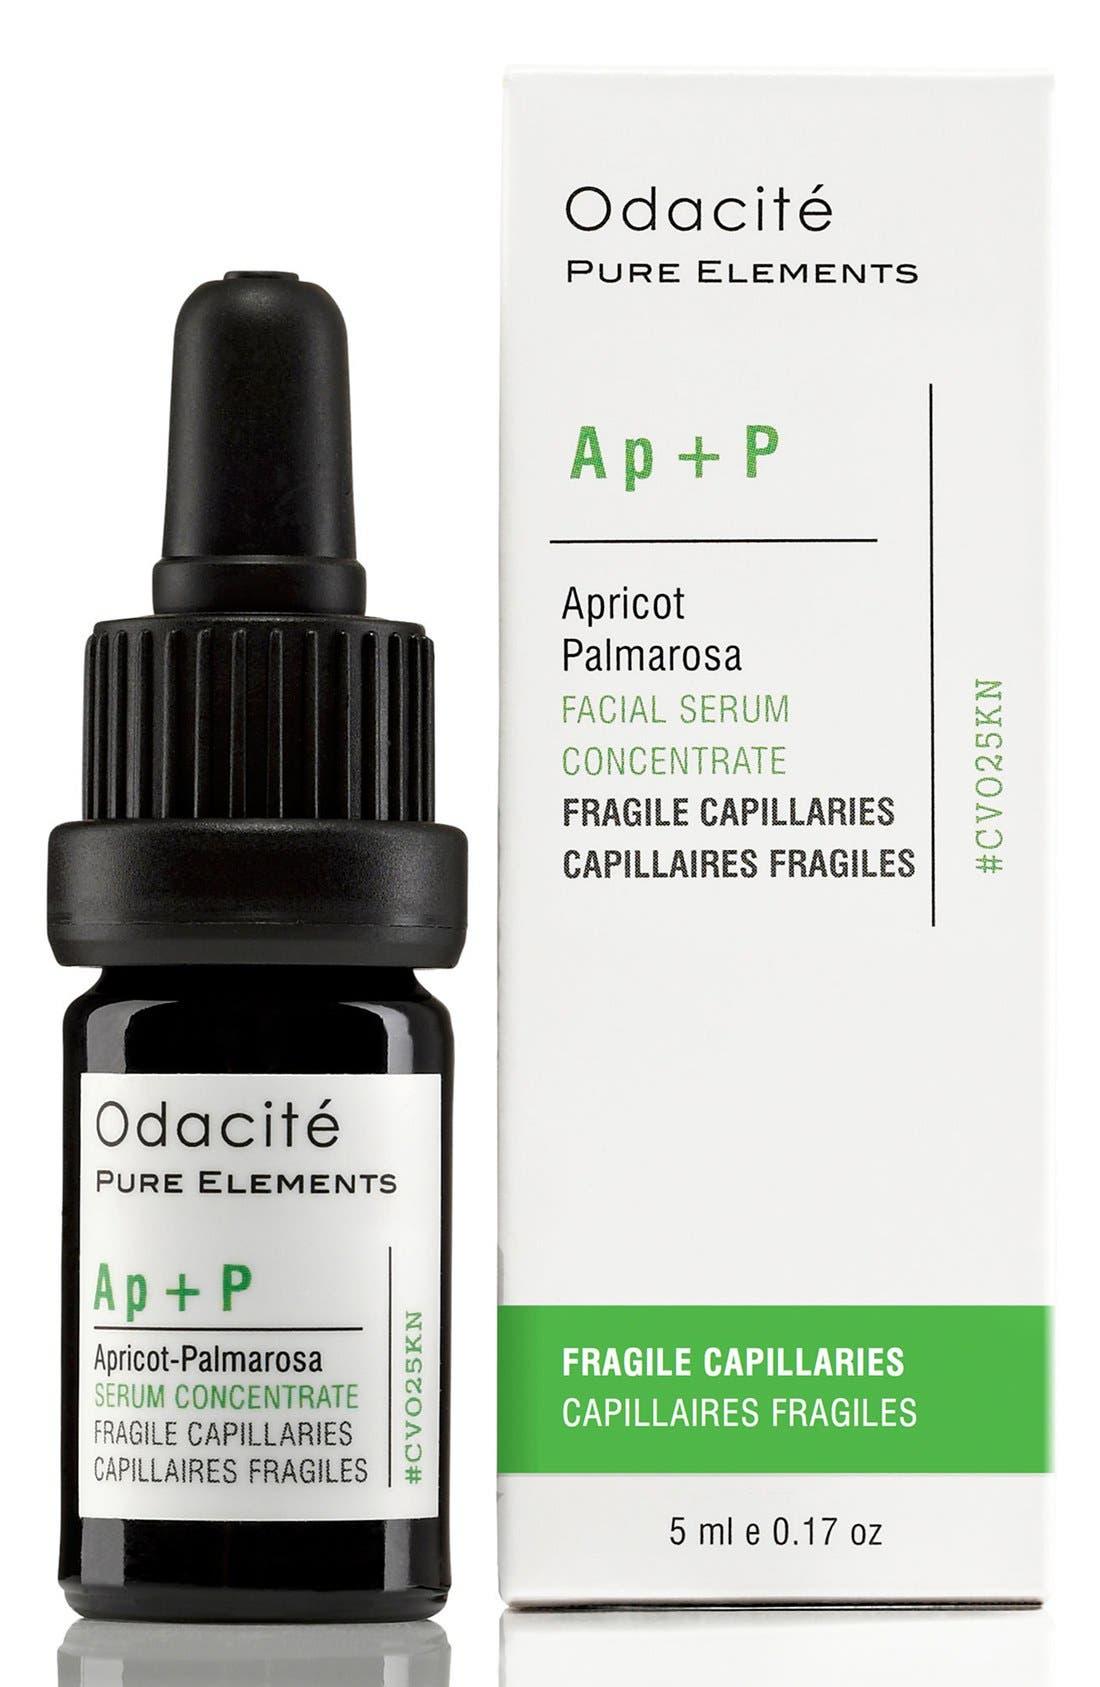 ODACITÉ,                             Ap + P Apricot-Palmarosa Fragile Capillaries Serum Concentrate,                             Alternate thumbnail 2, color,                             NO COLOR